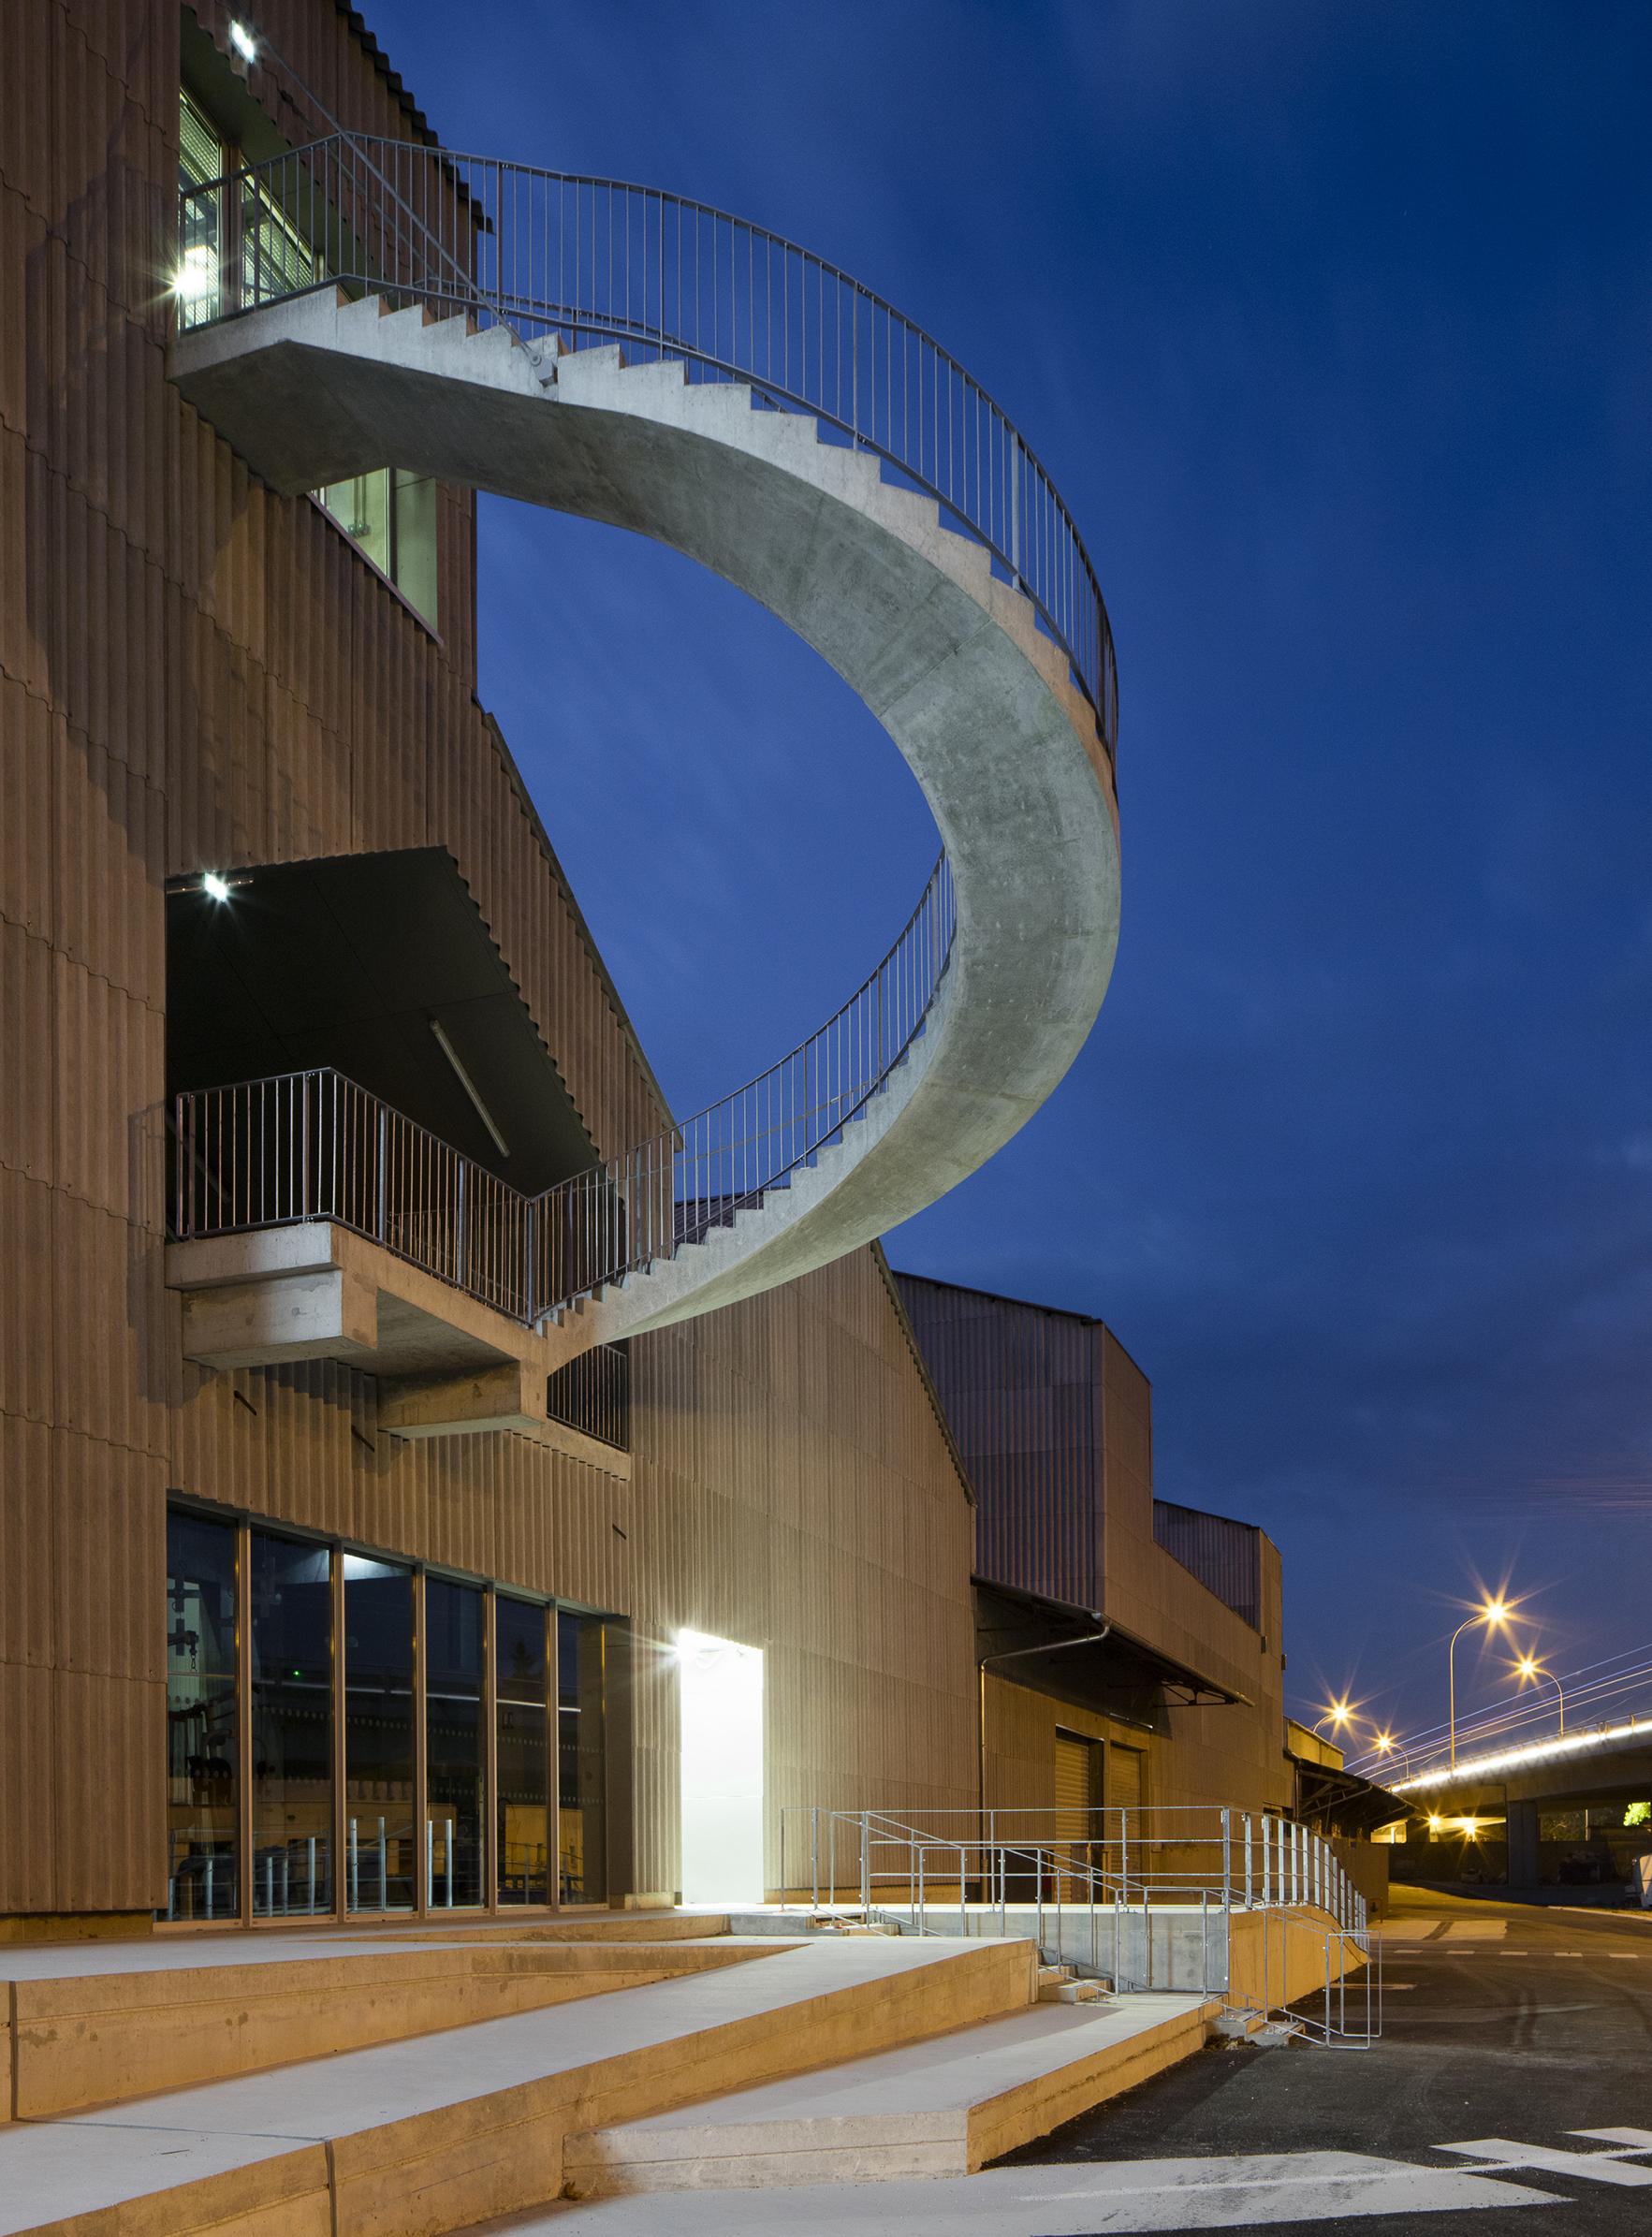 Le CNAC 01 - Friches + Culturel - Caractère Spécial Matthieu Poitevin Architecture